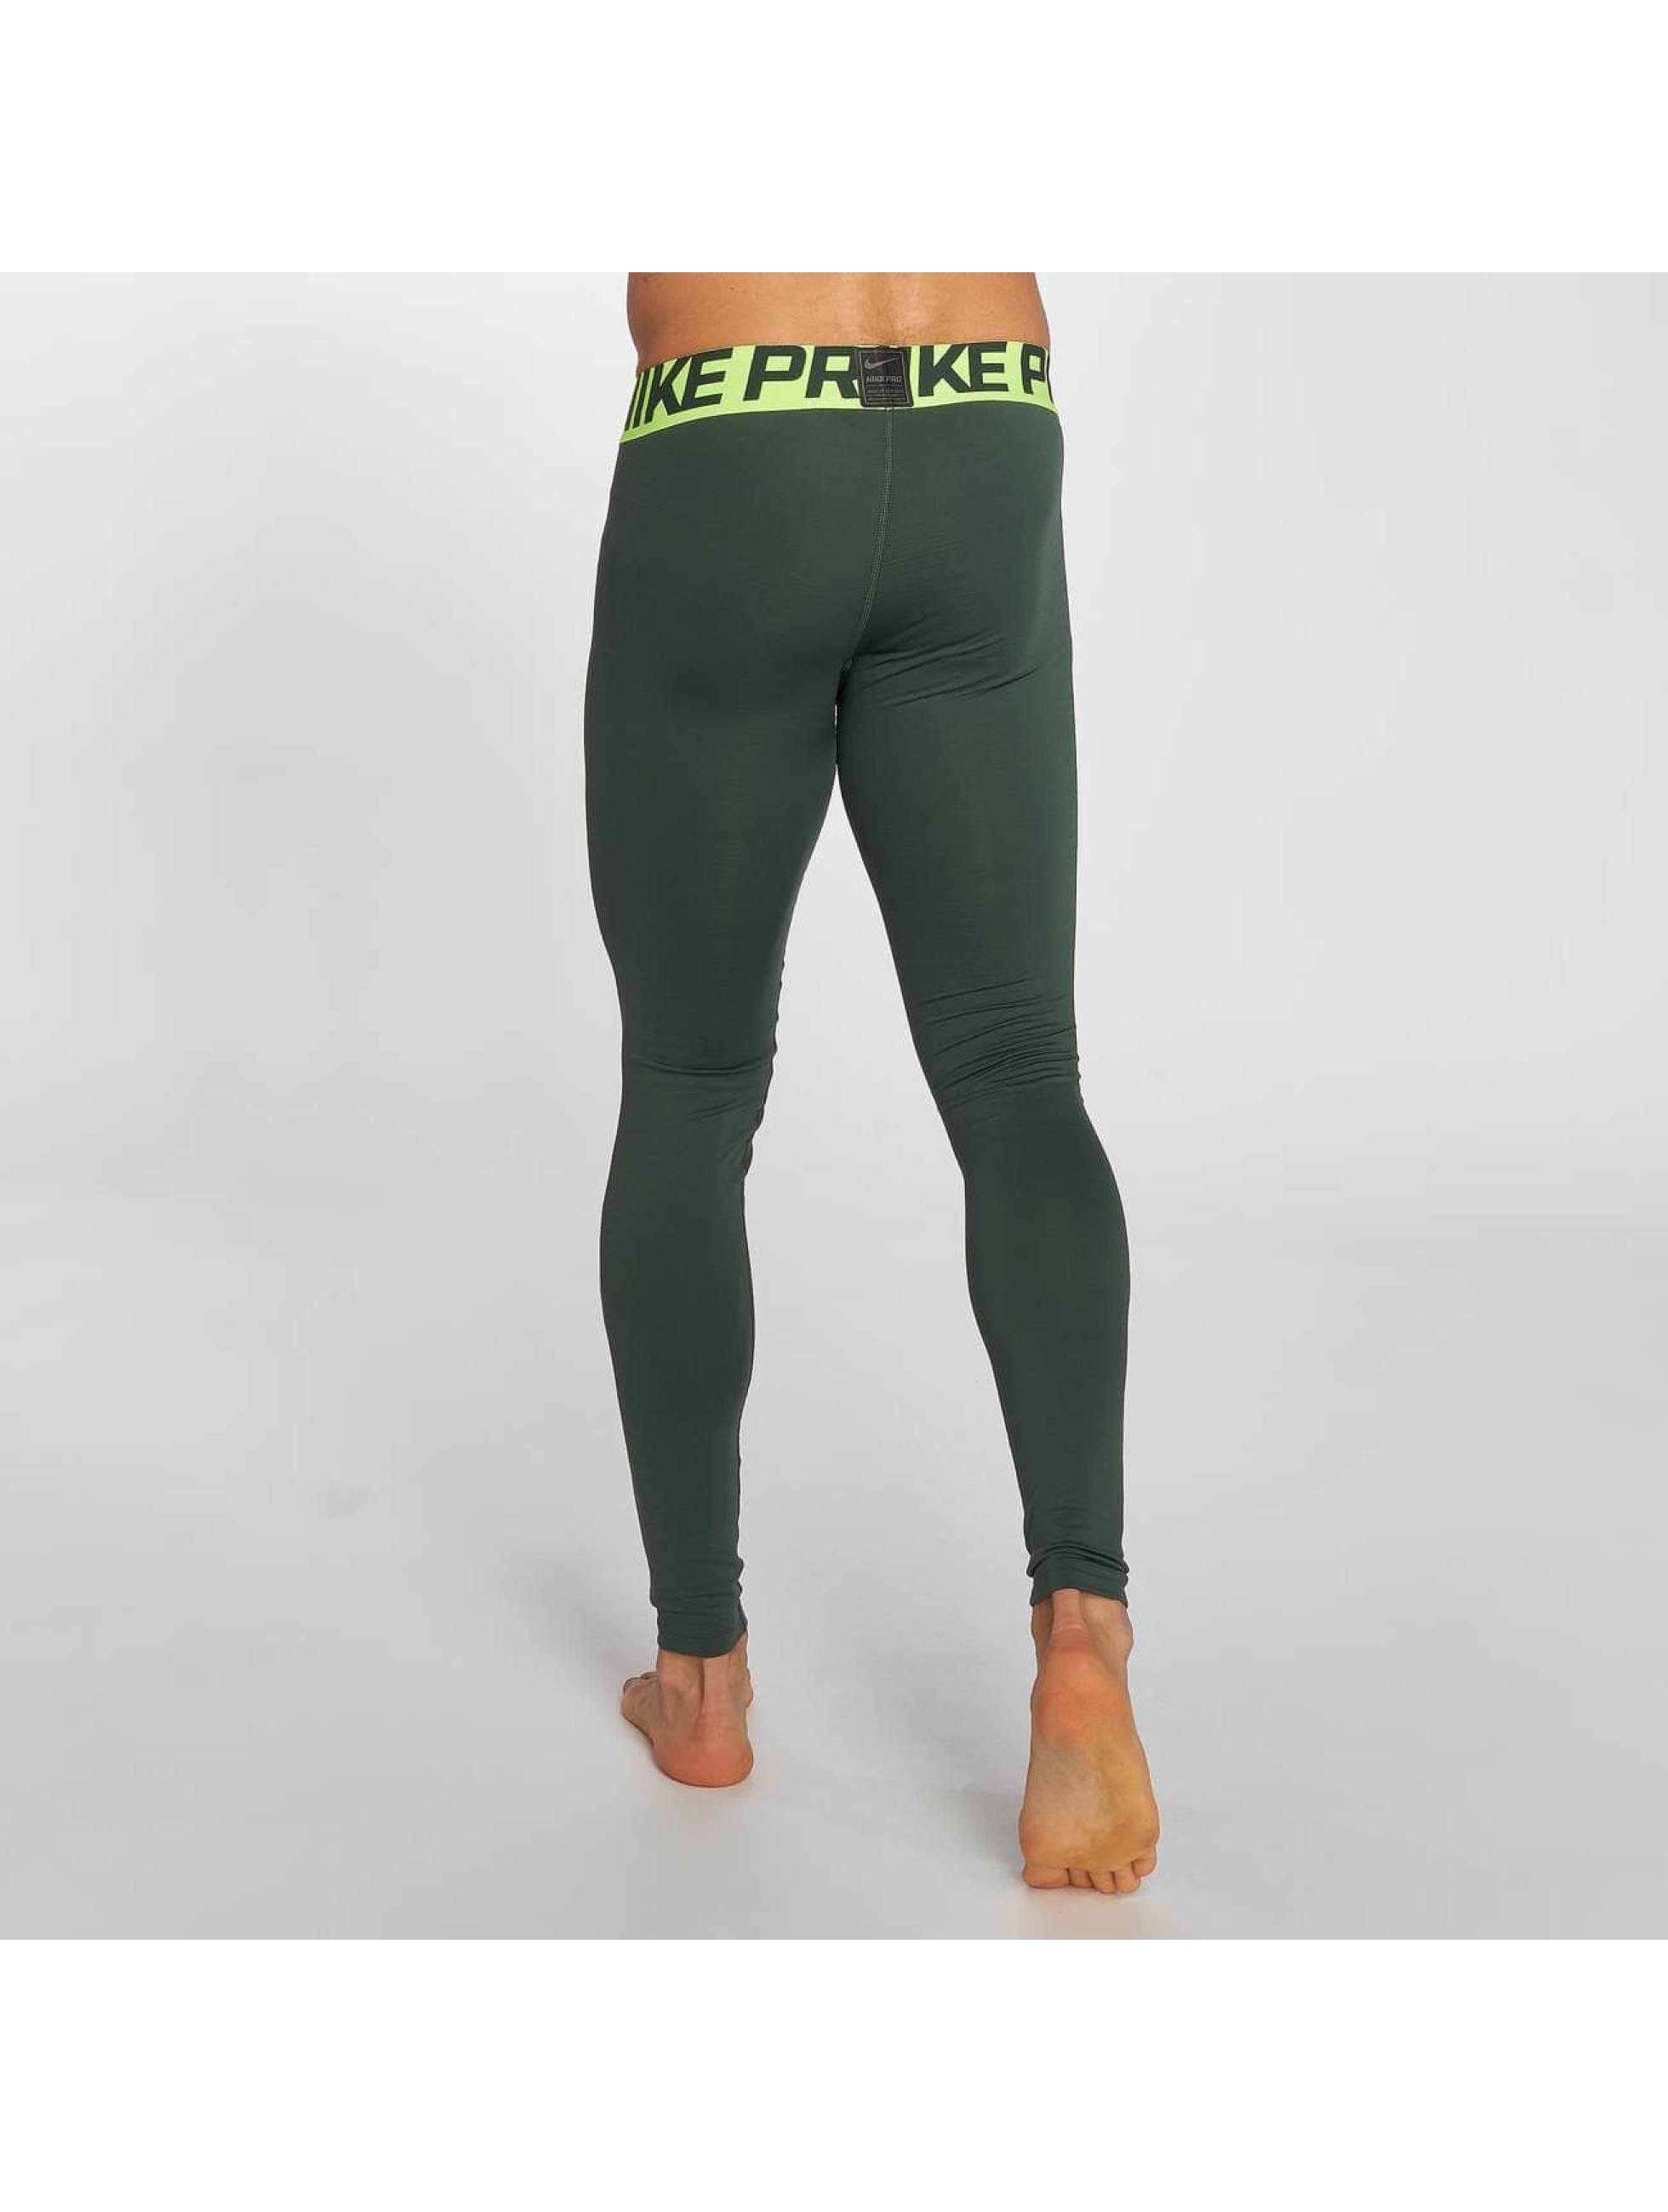 Nike Performance Legíny/Tregíny Pro Warm olivová